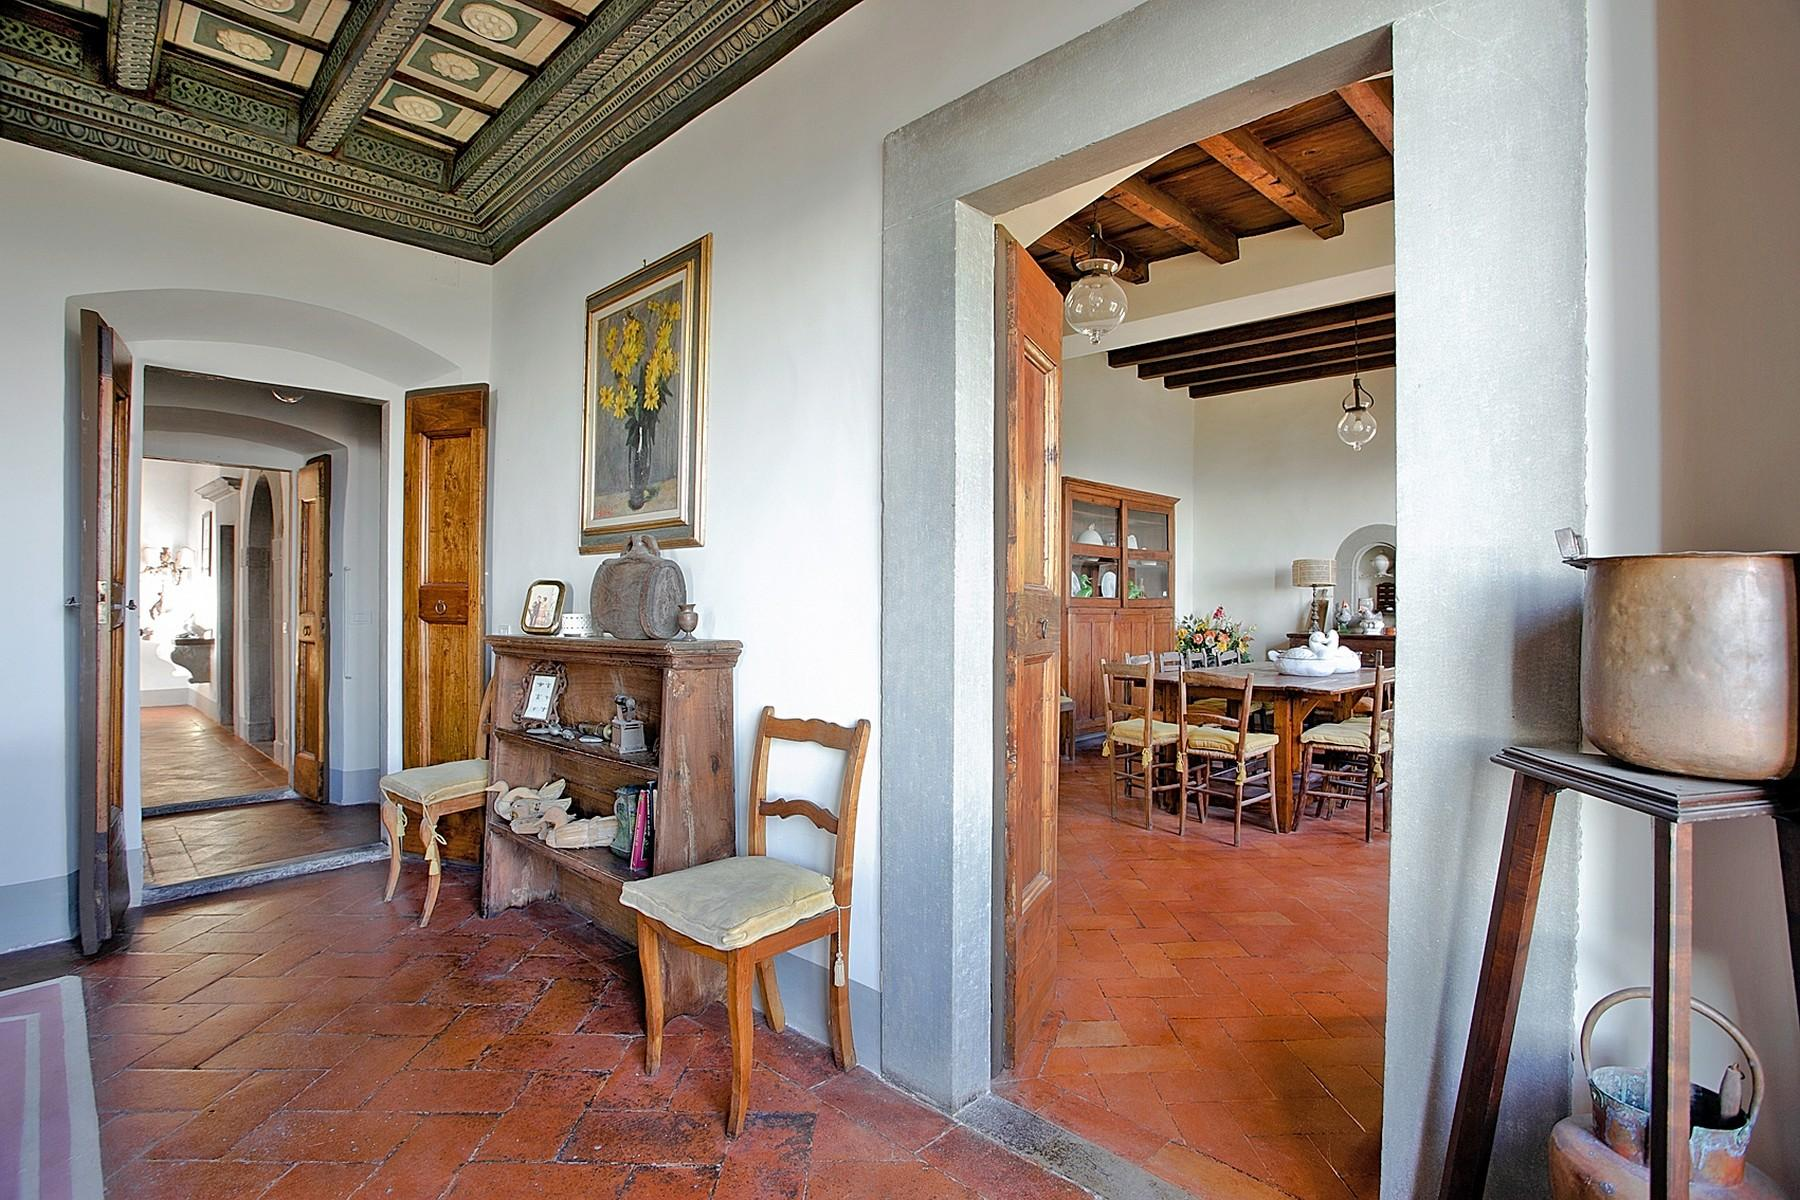 Merveilleuse villa avec piscine sur les collines de Florence - 8